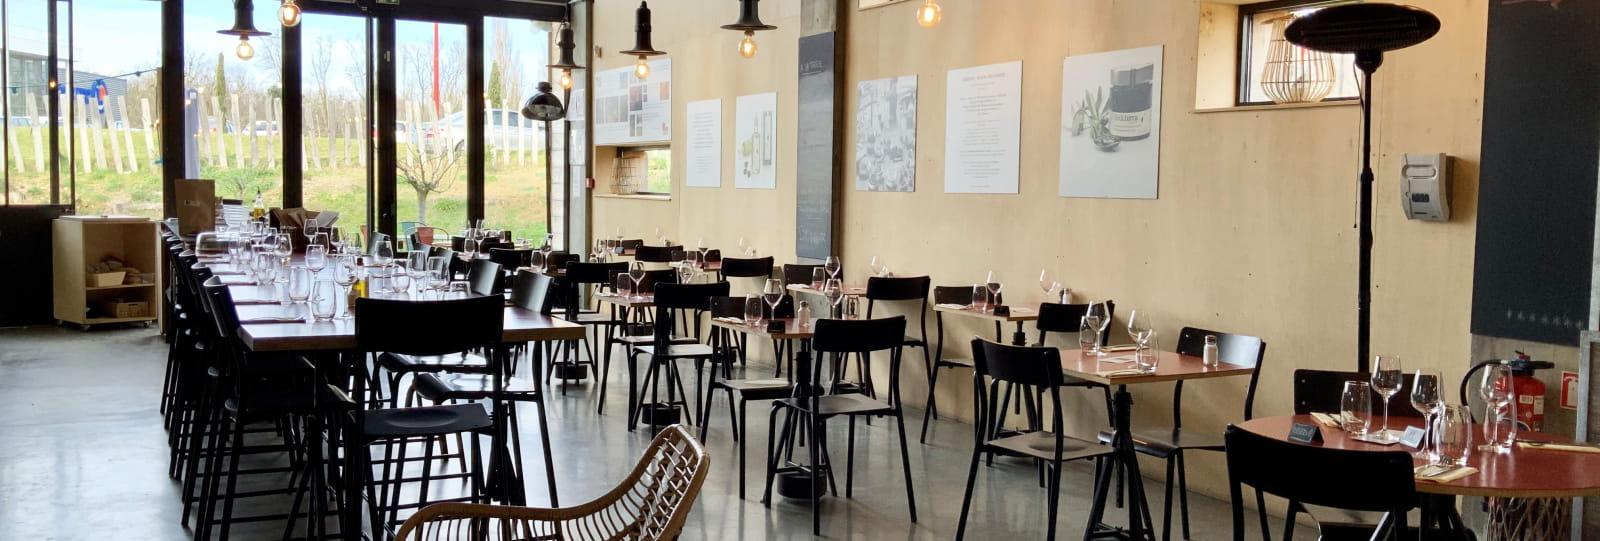 Restaurant aix&terra